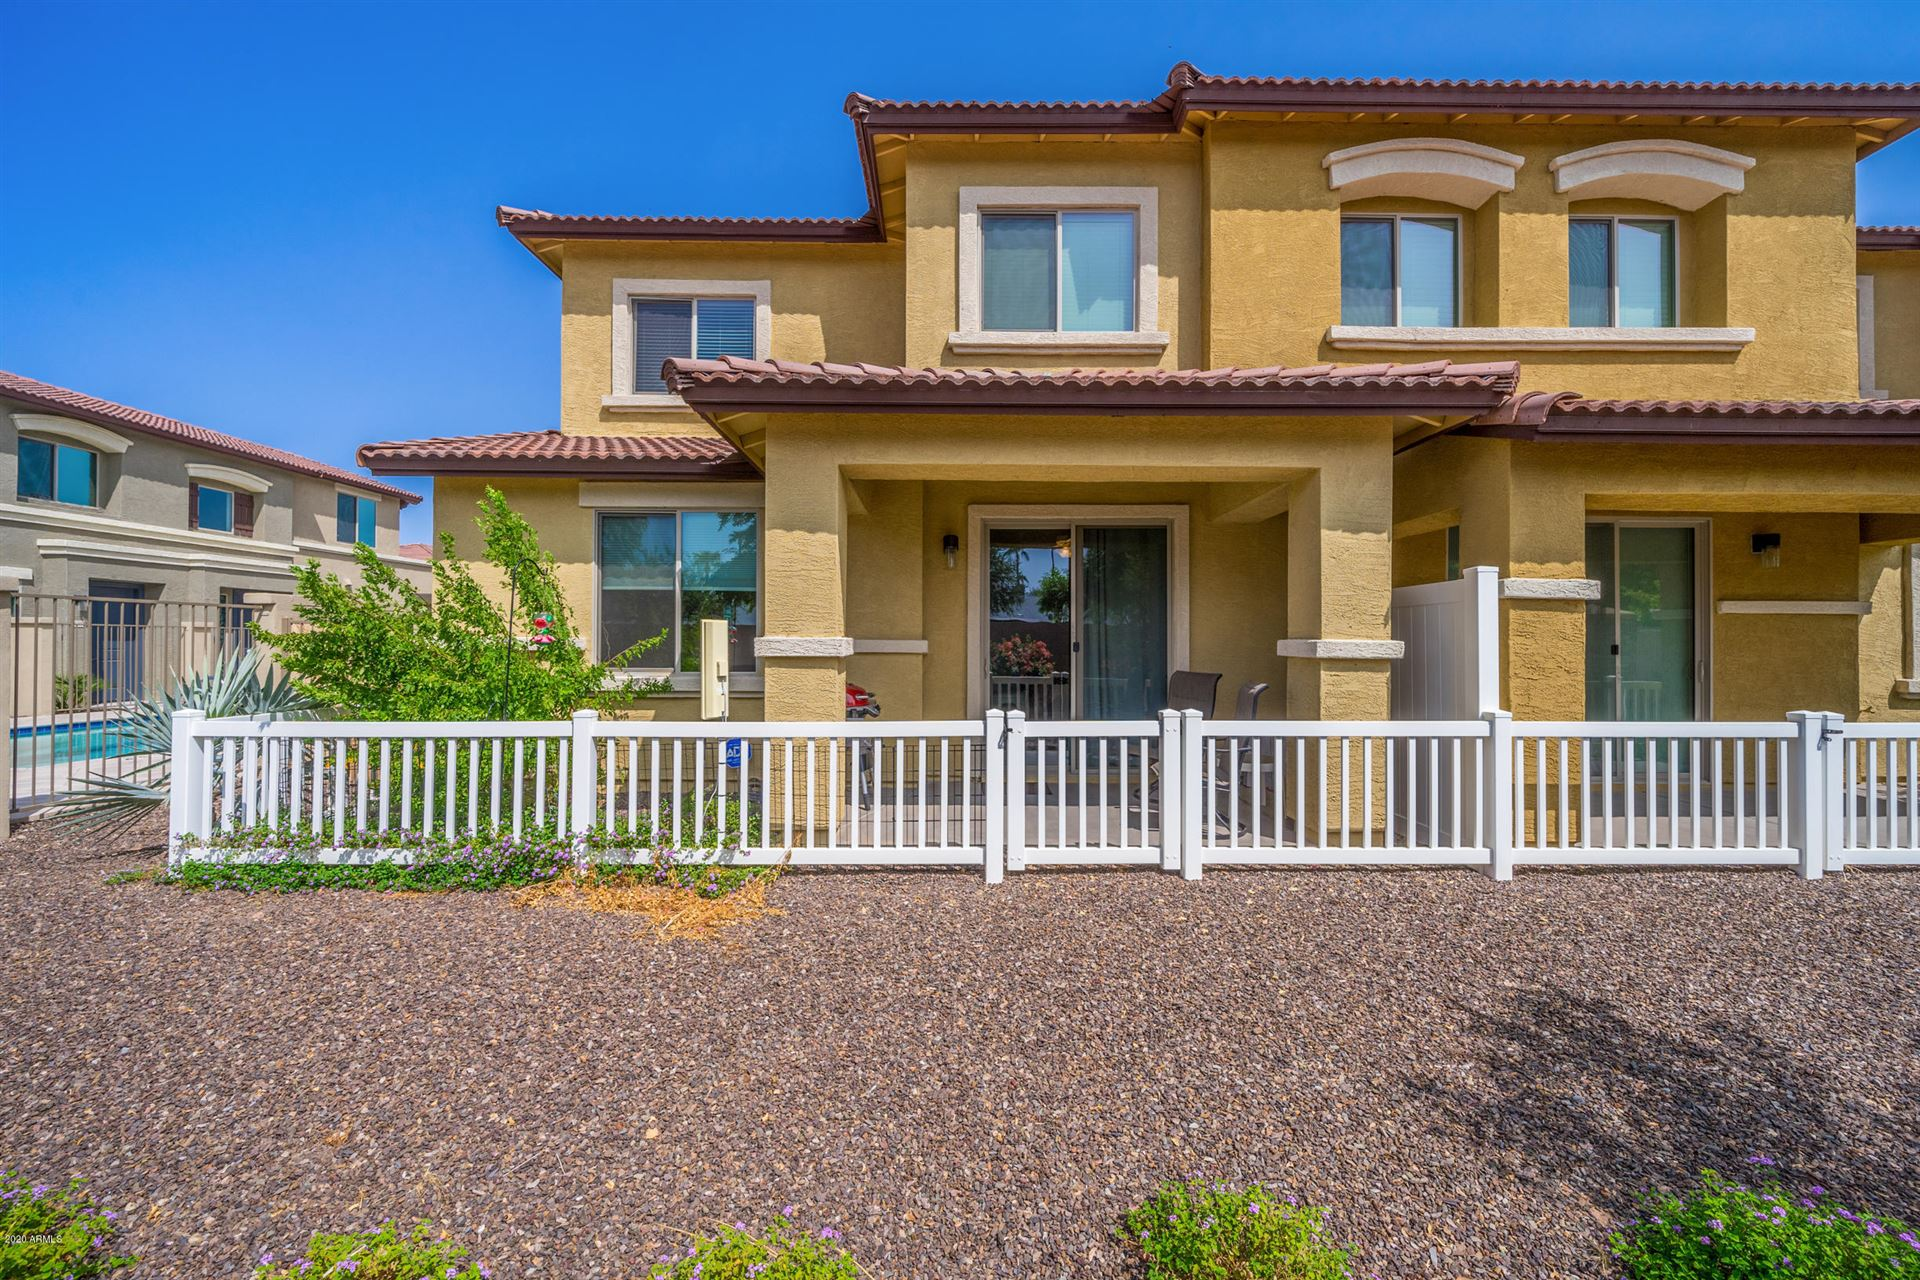 7820 E BASELINE Road #113, Mesa, AZ 85209 - MLS#: 6133688